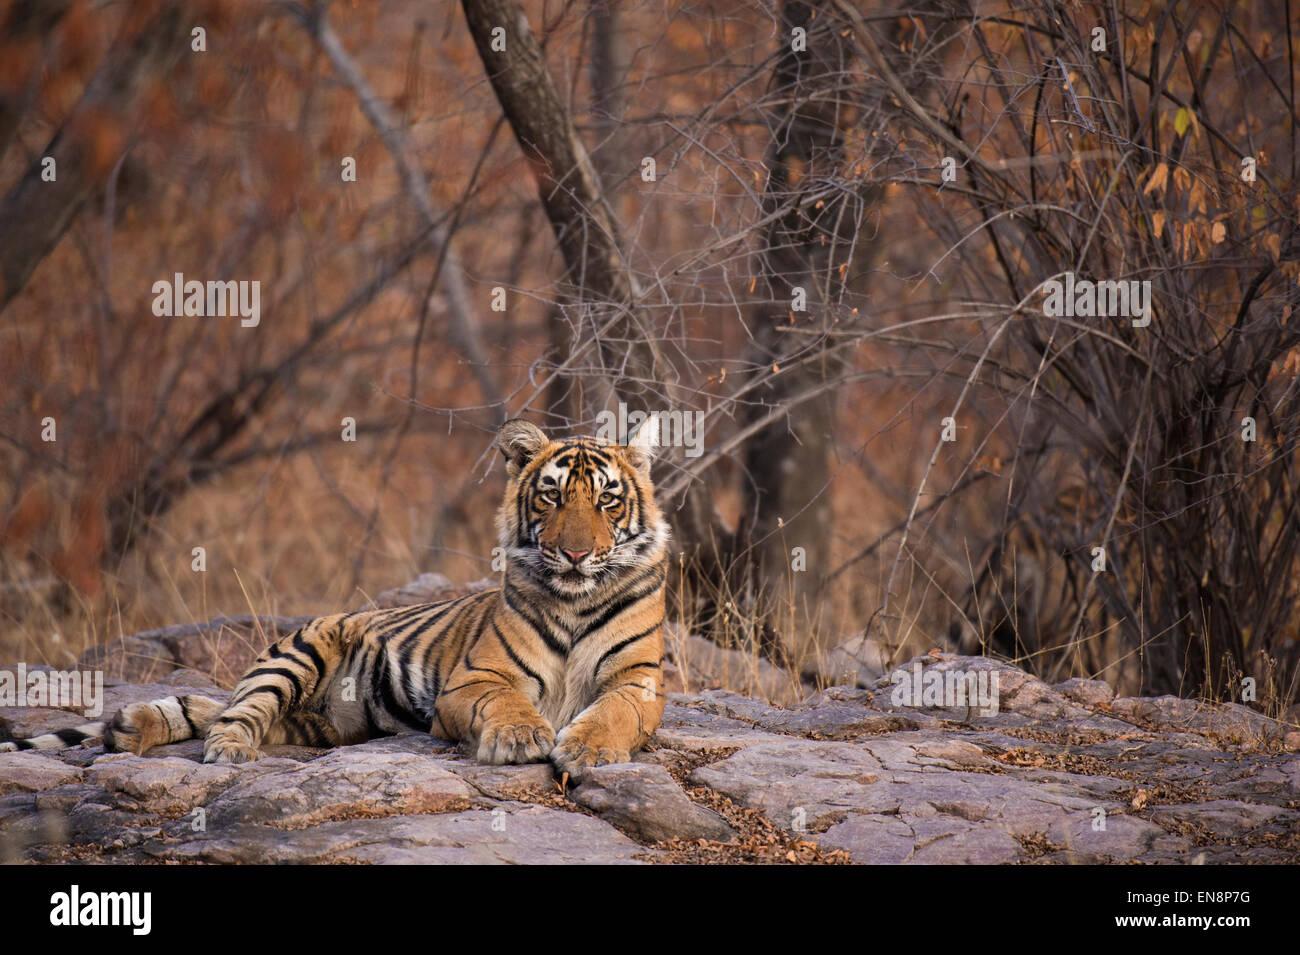 Sub tigre adulto seduto sul suolo roccioso in Ranthambhore national park in India Immagini Stock